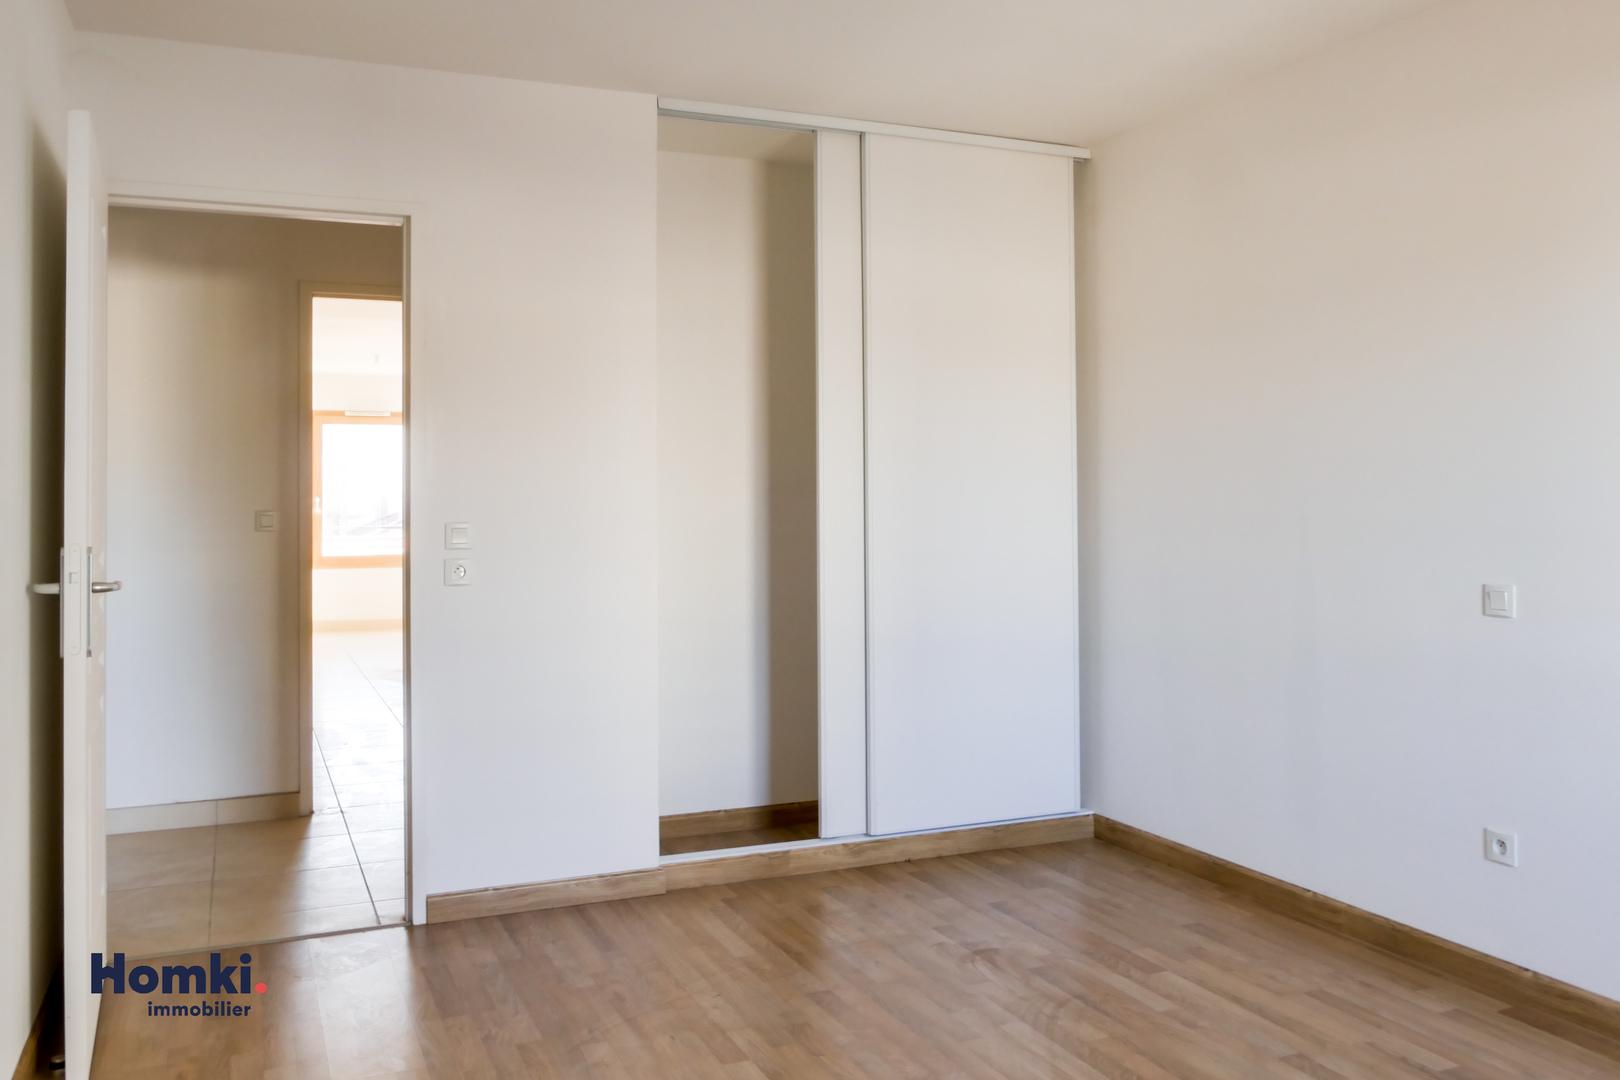 Vente appartement 87m² T3 42100_9